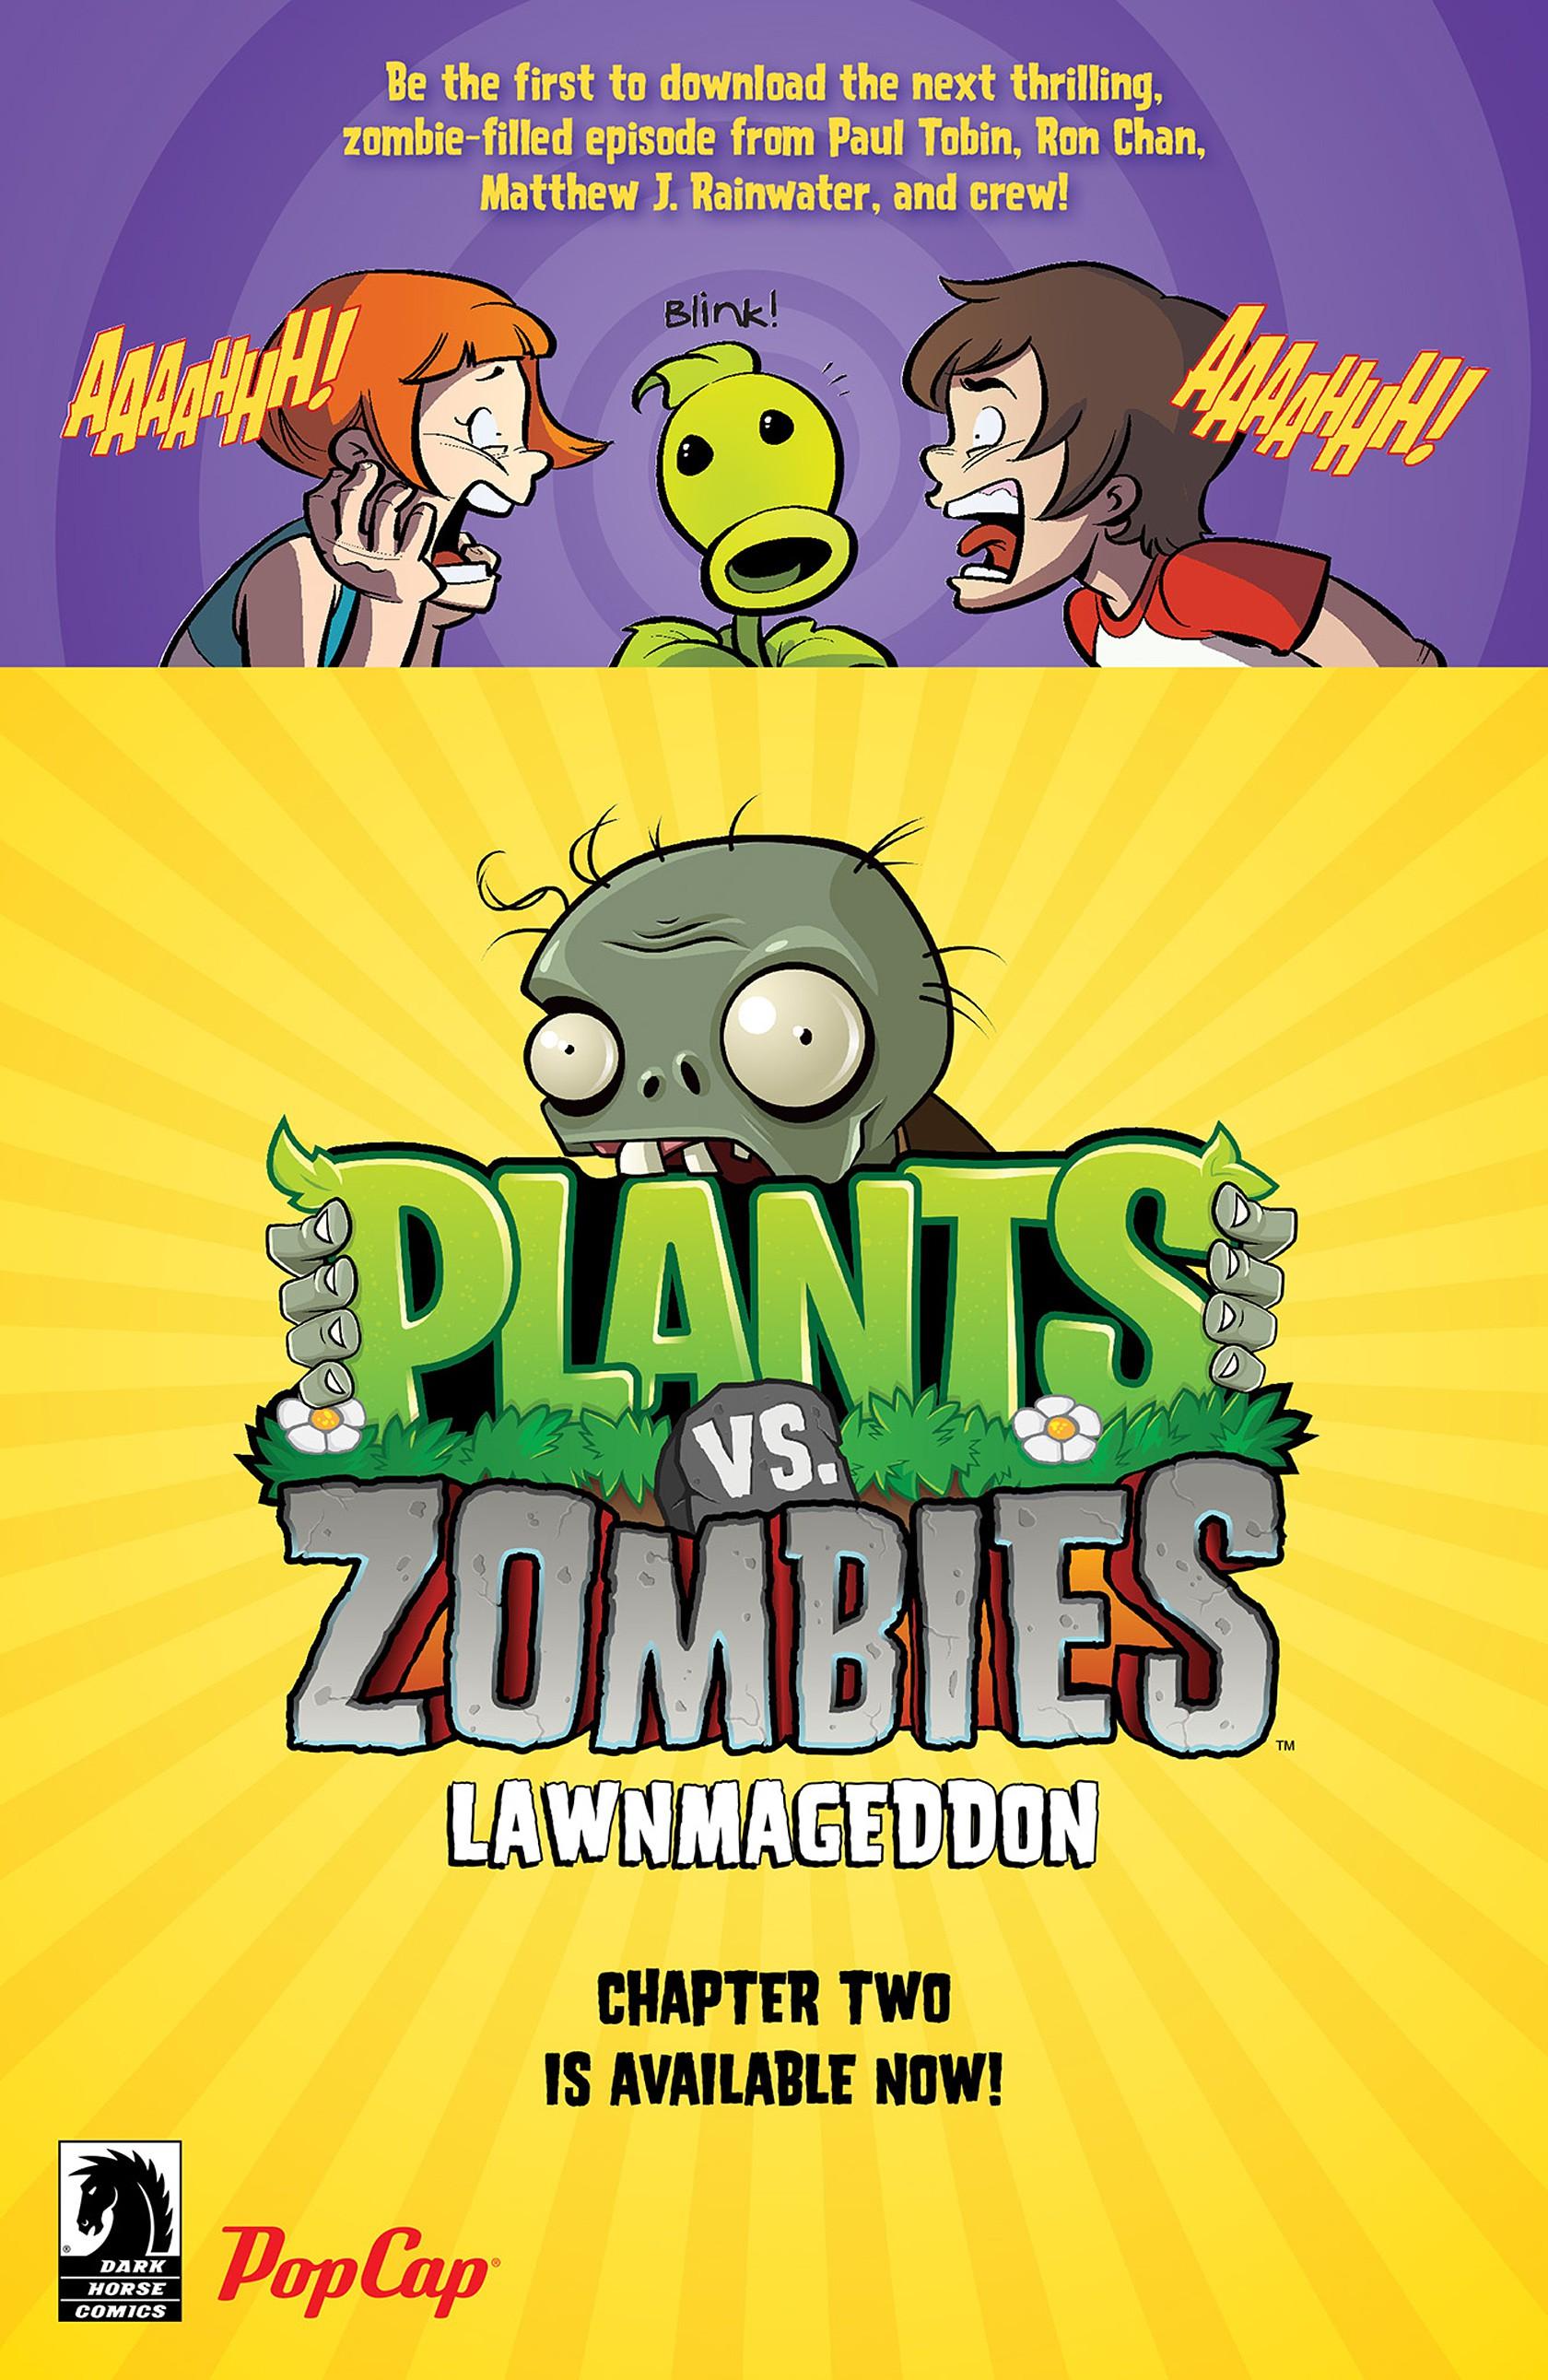 formatfactoryplants_vs_zombies_001-015.jpg